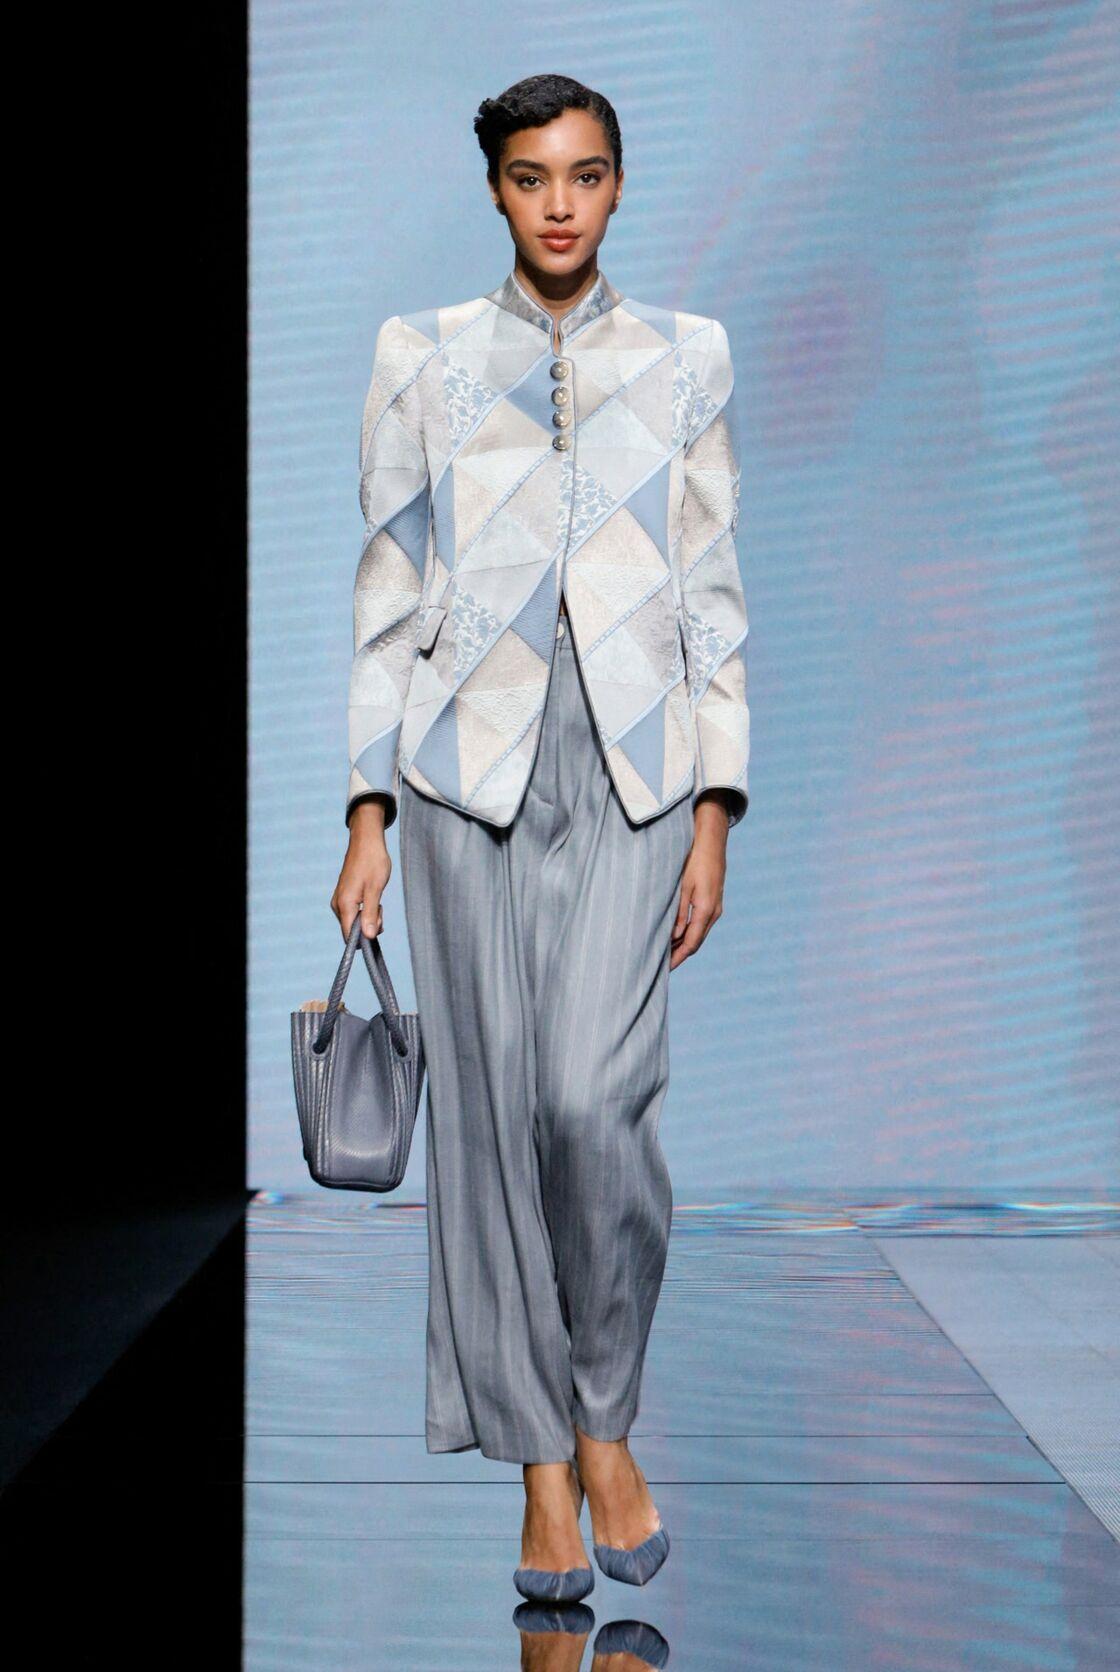 Une silhouette de la collection Giorgio Armani de prêt-à-porter printemps-été 2021, présentée à Milan, en septembre 2020.